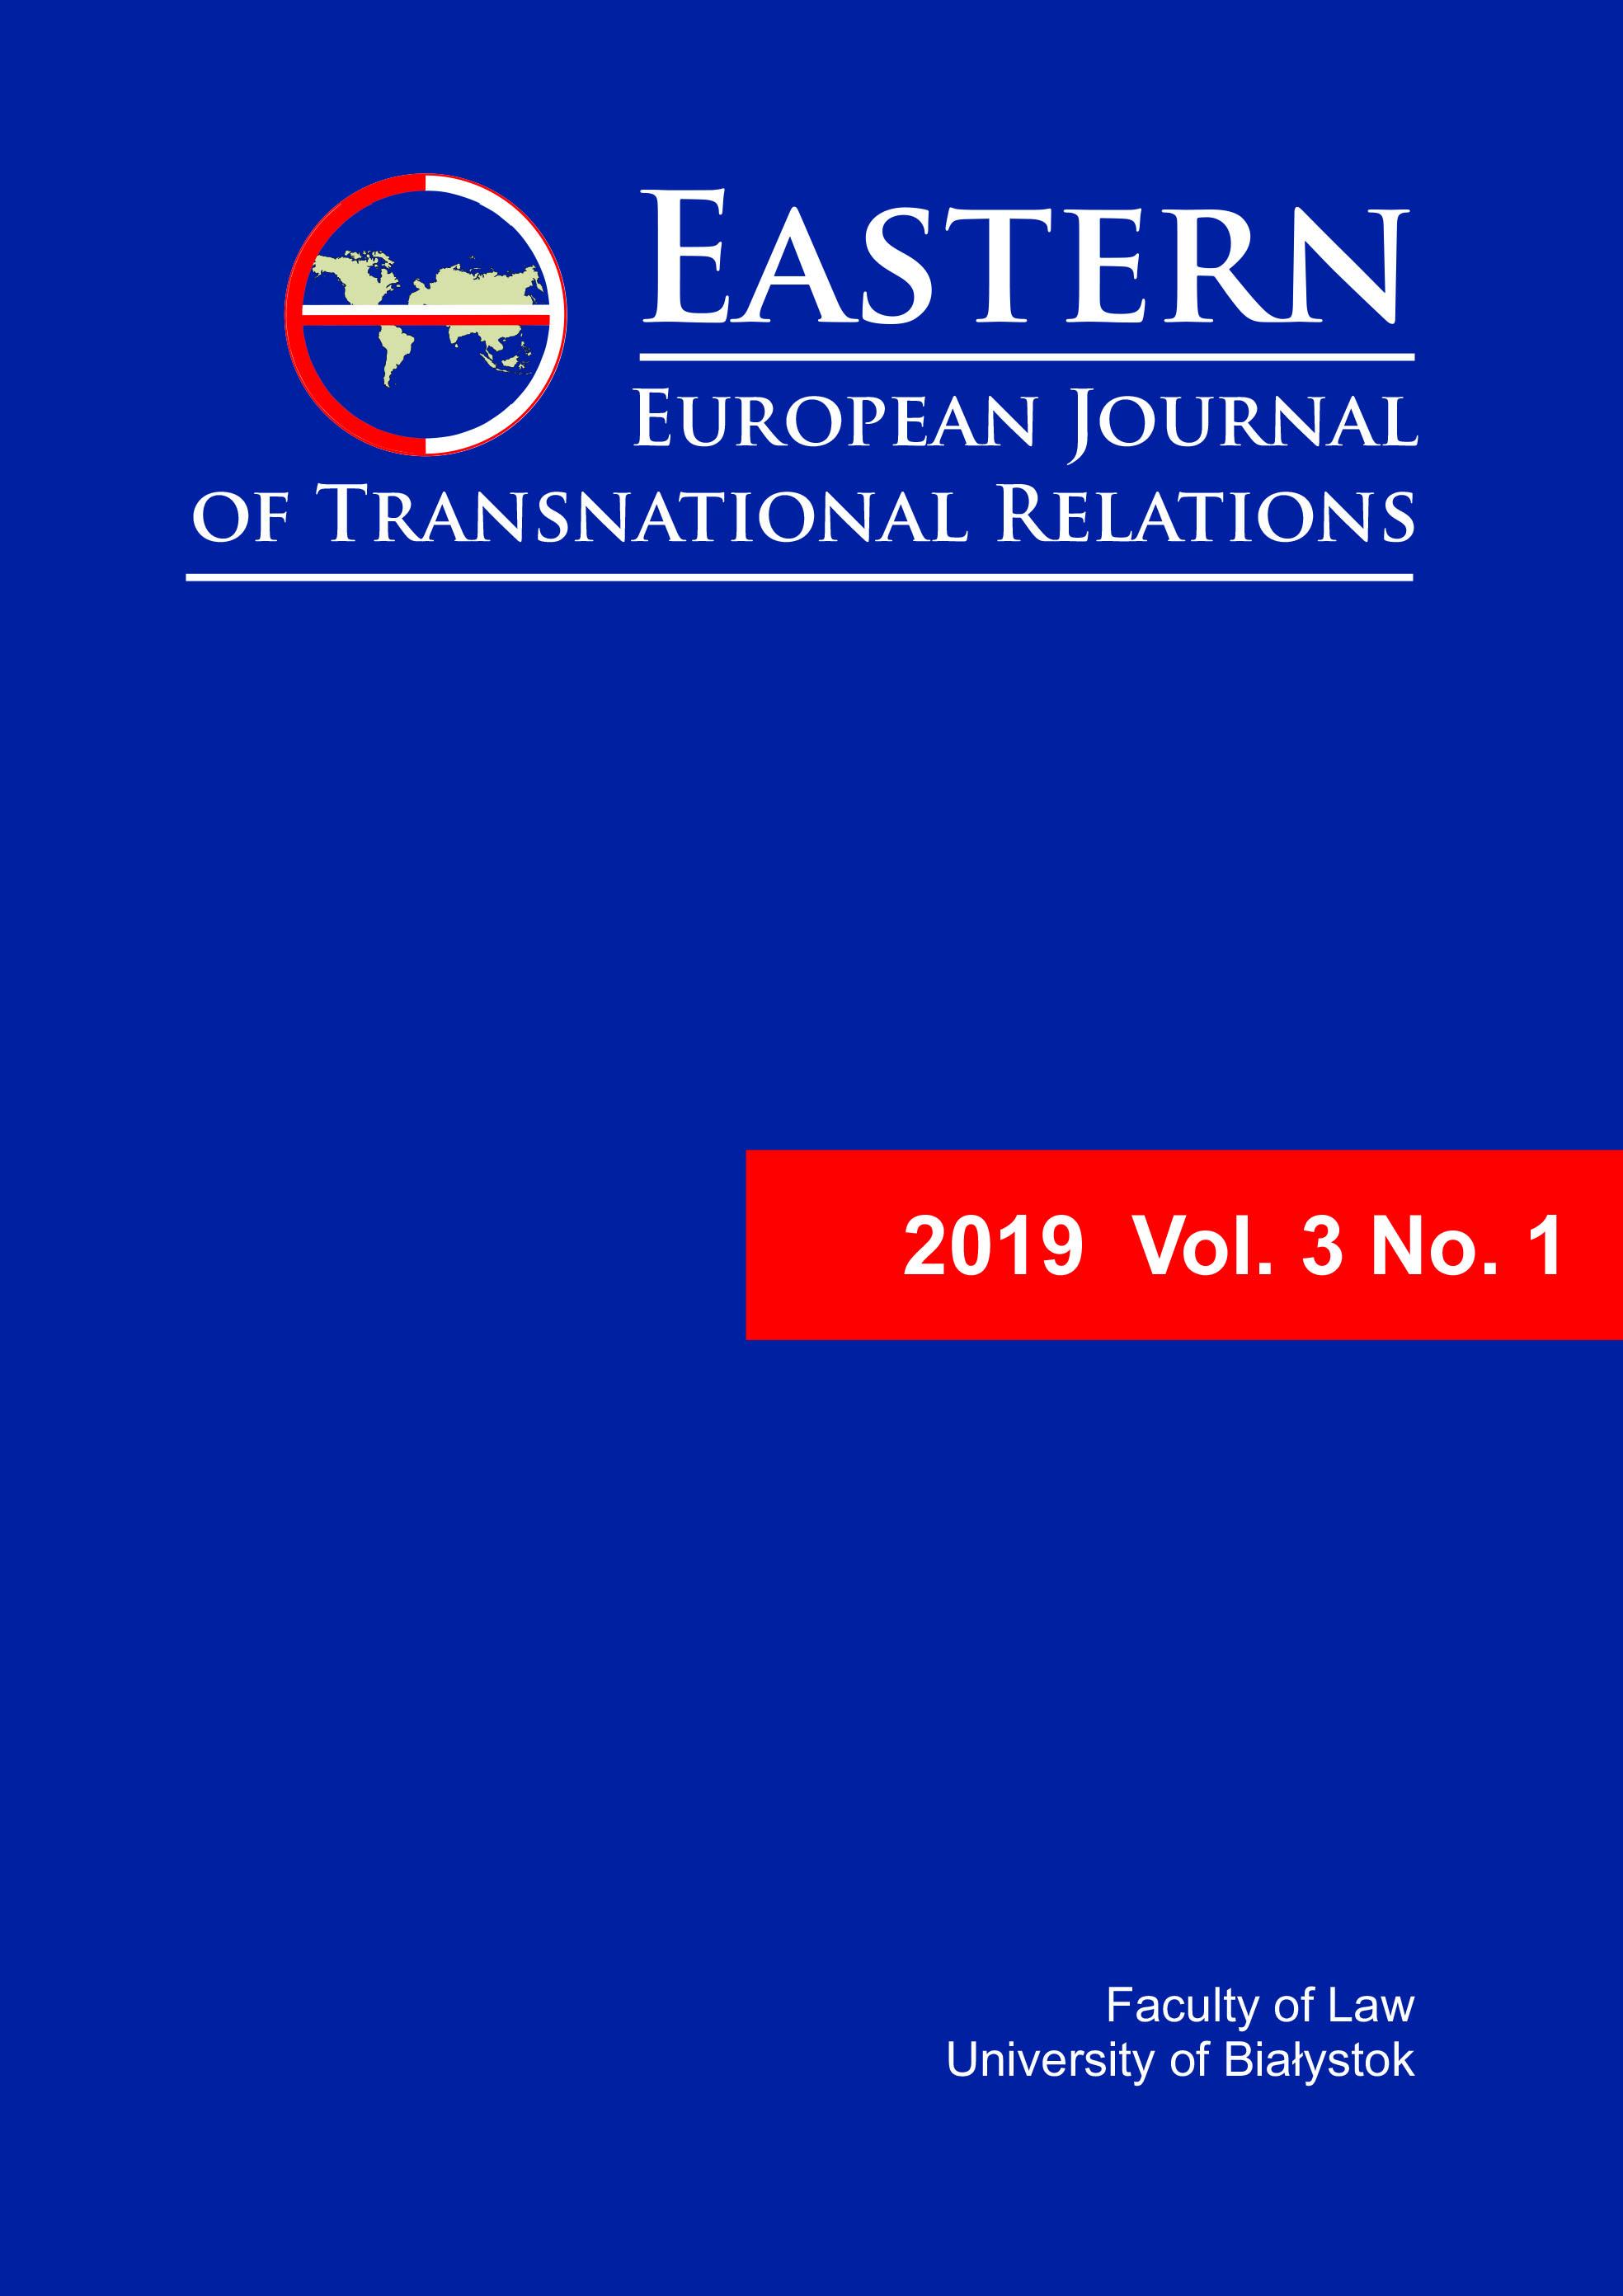 EEJTR 2019 Vol. 3 No. 1 - cover image